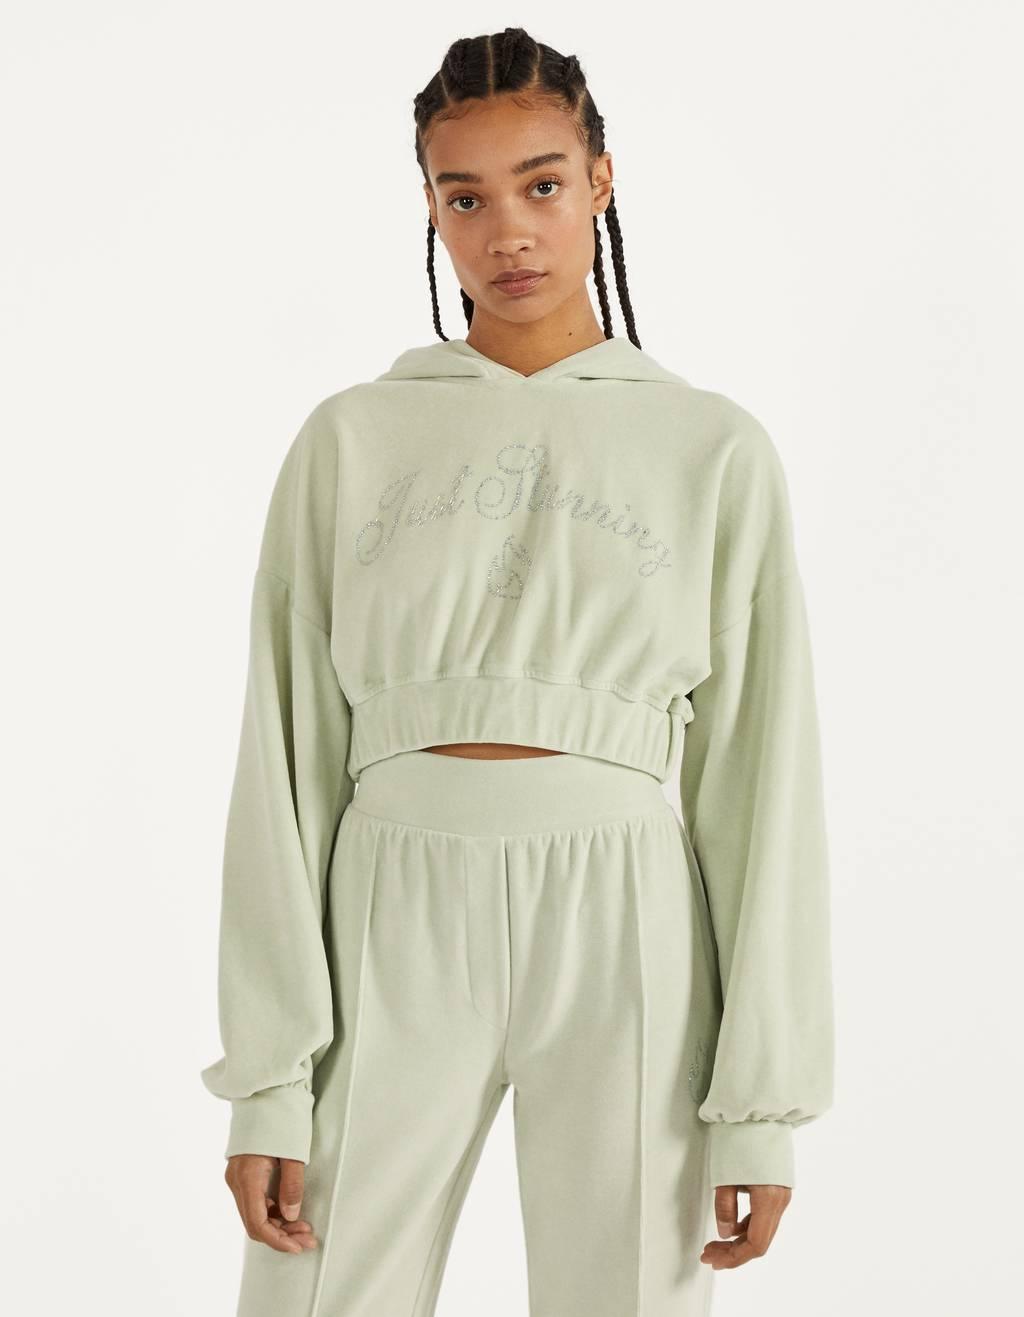 Sweatshirt de veludo com brilho